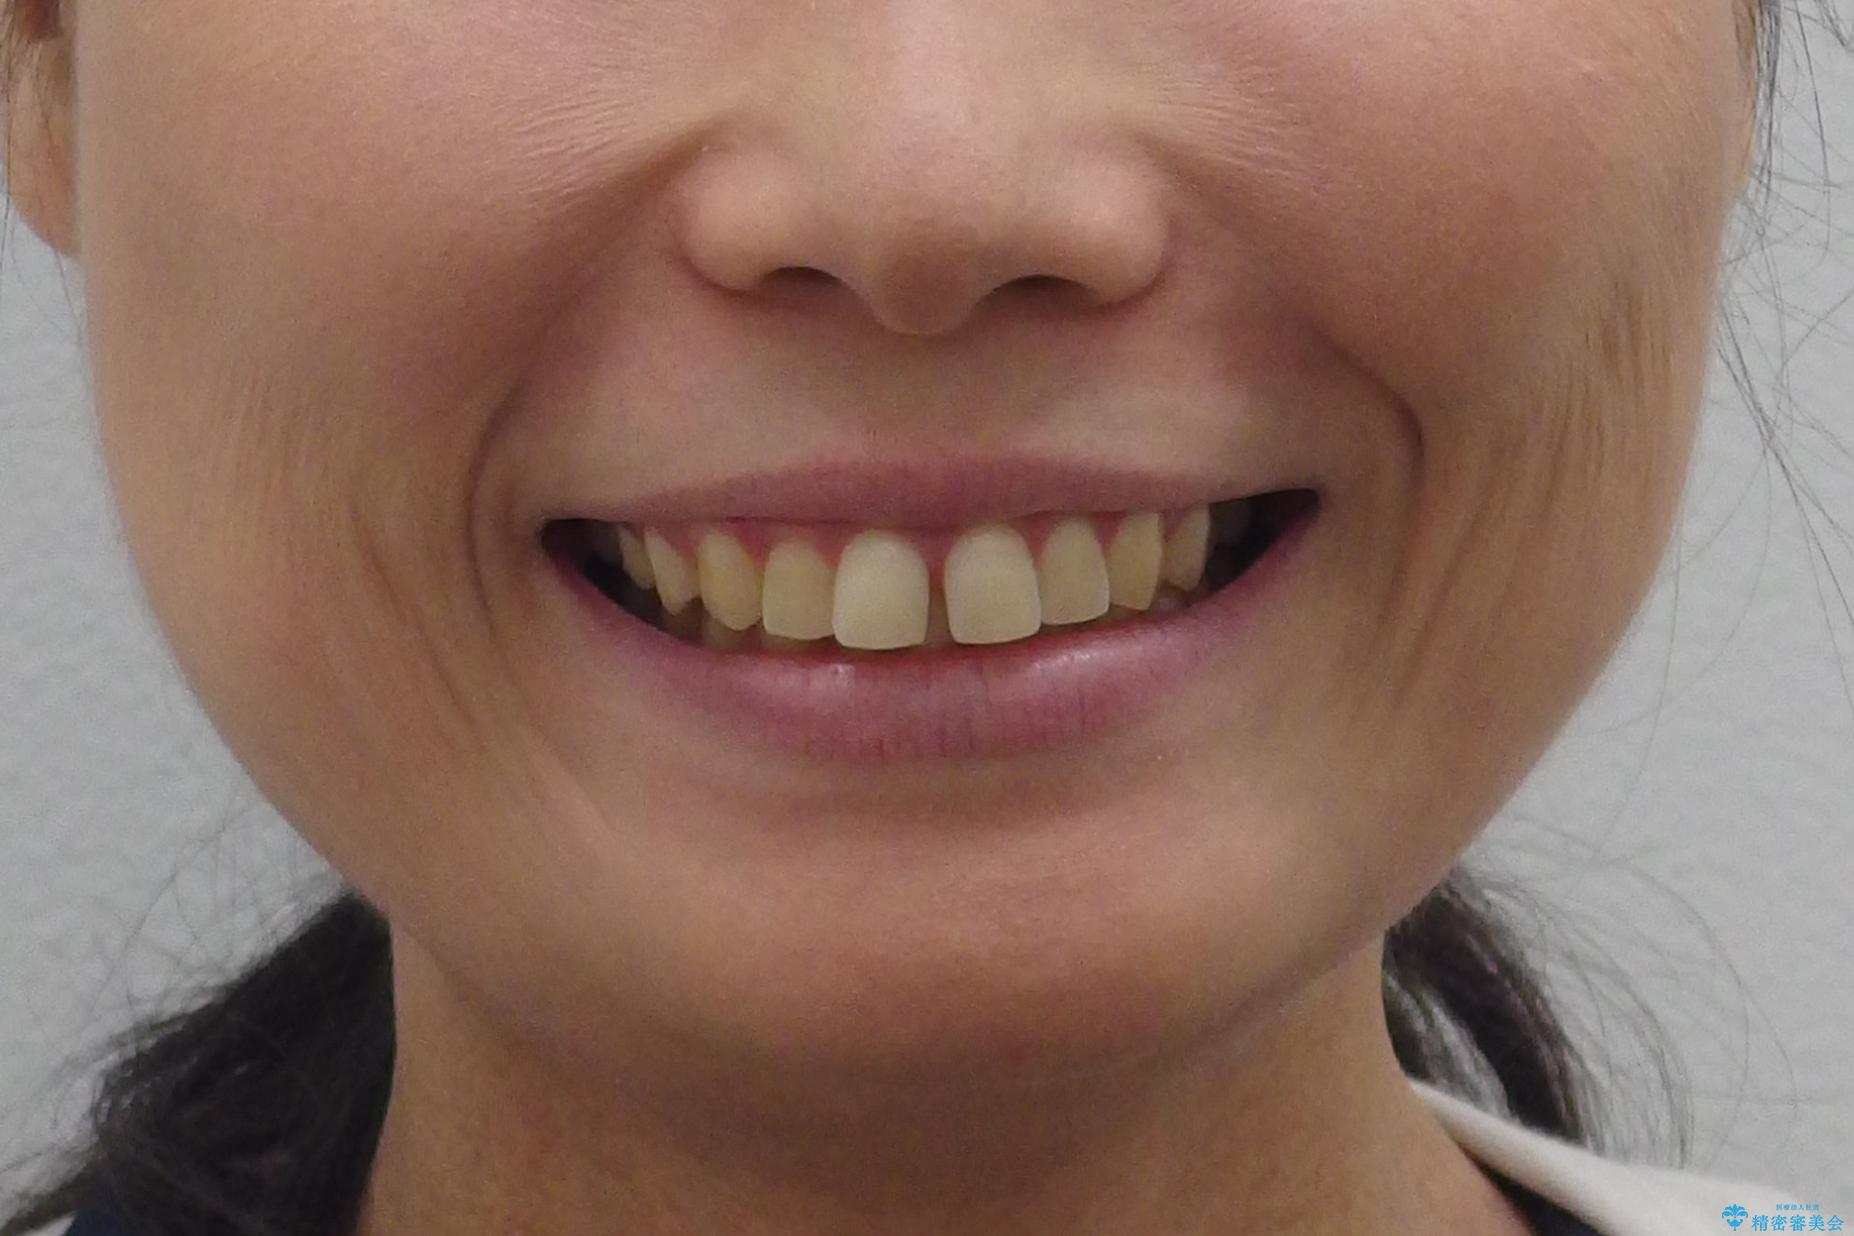 前歯のすきま 右上の小臼歯の垂直的骨吸収を抜歯で解決の治療前(顔貌)